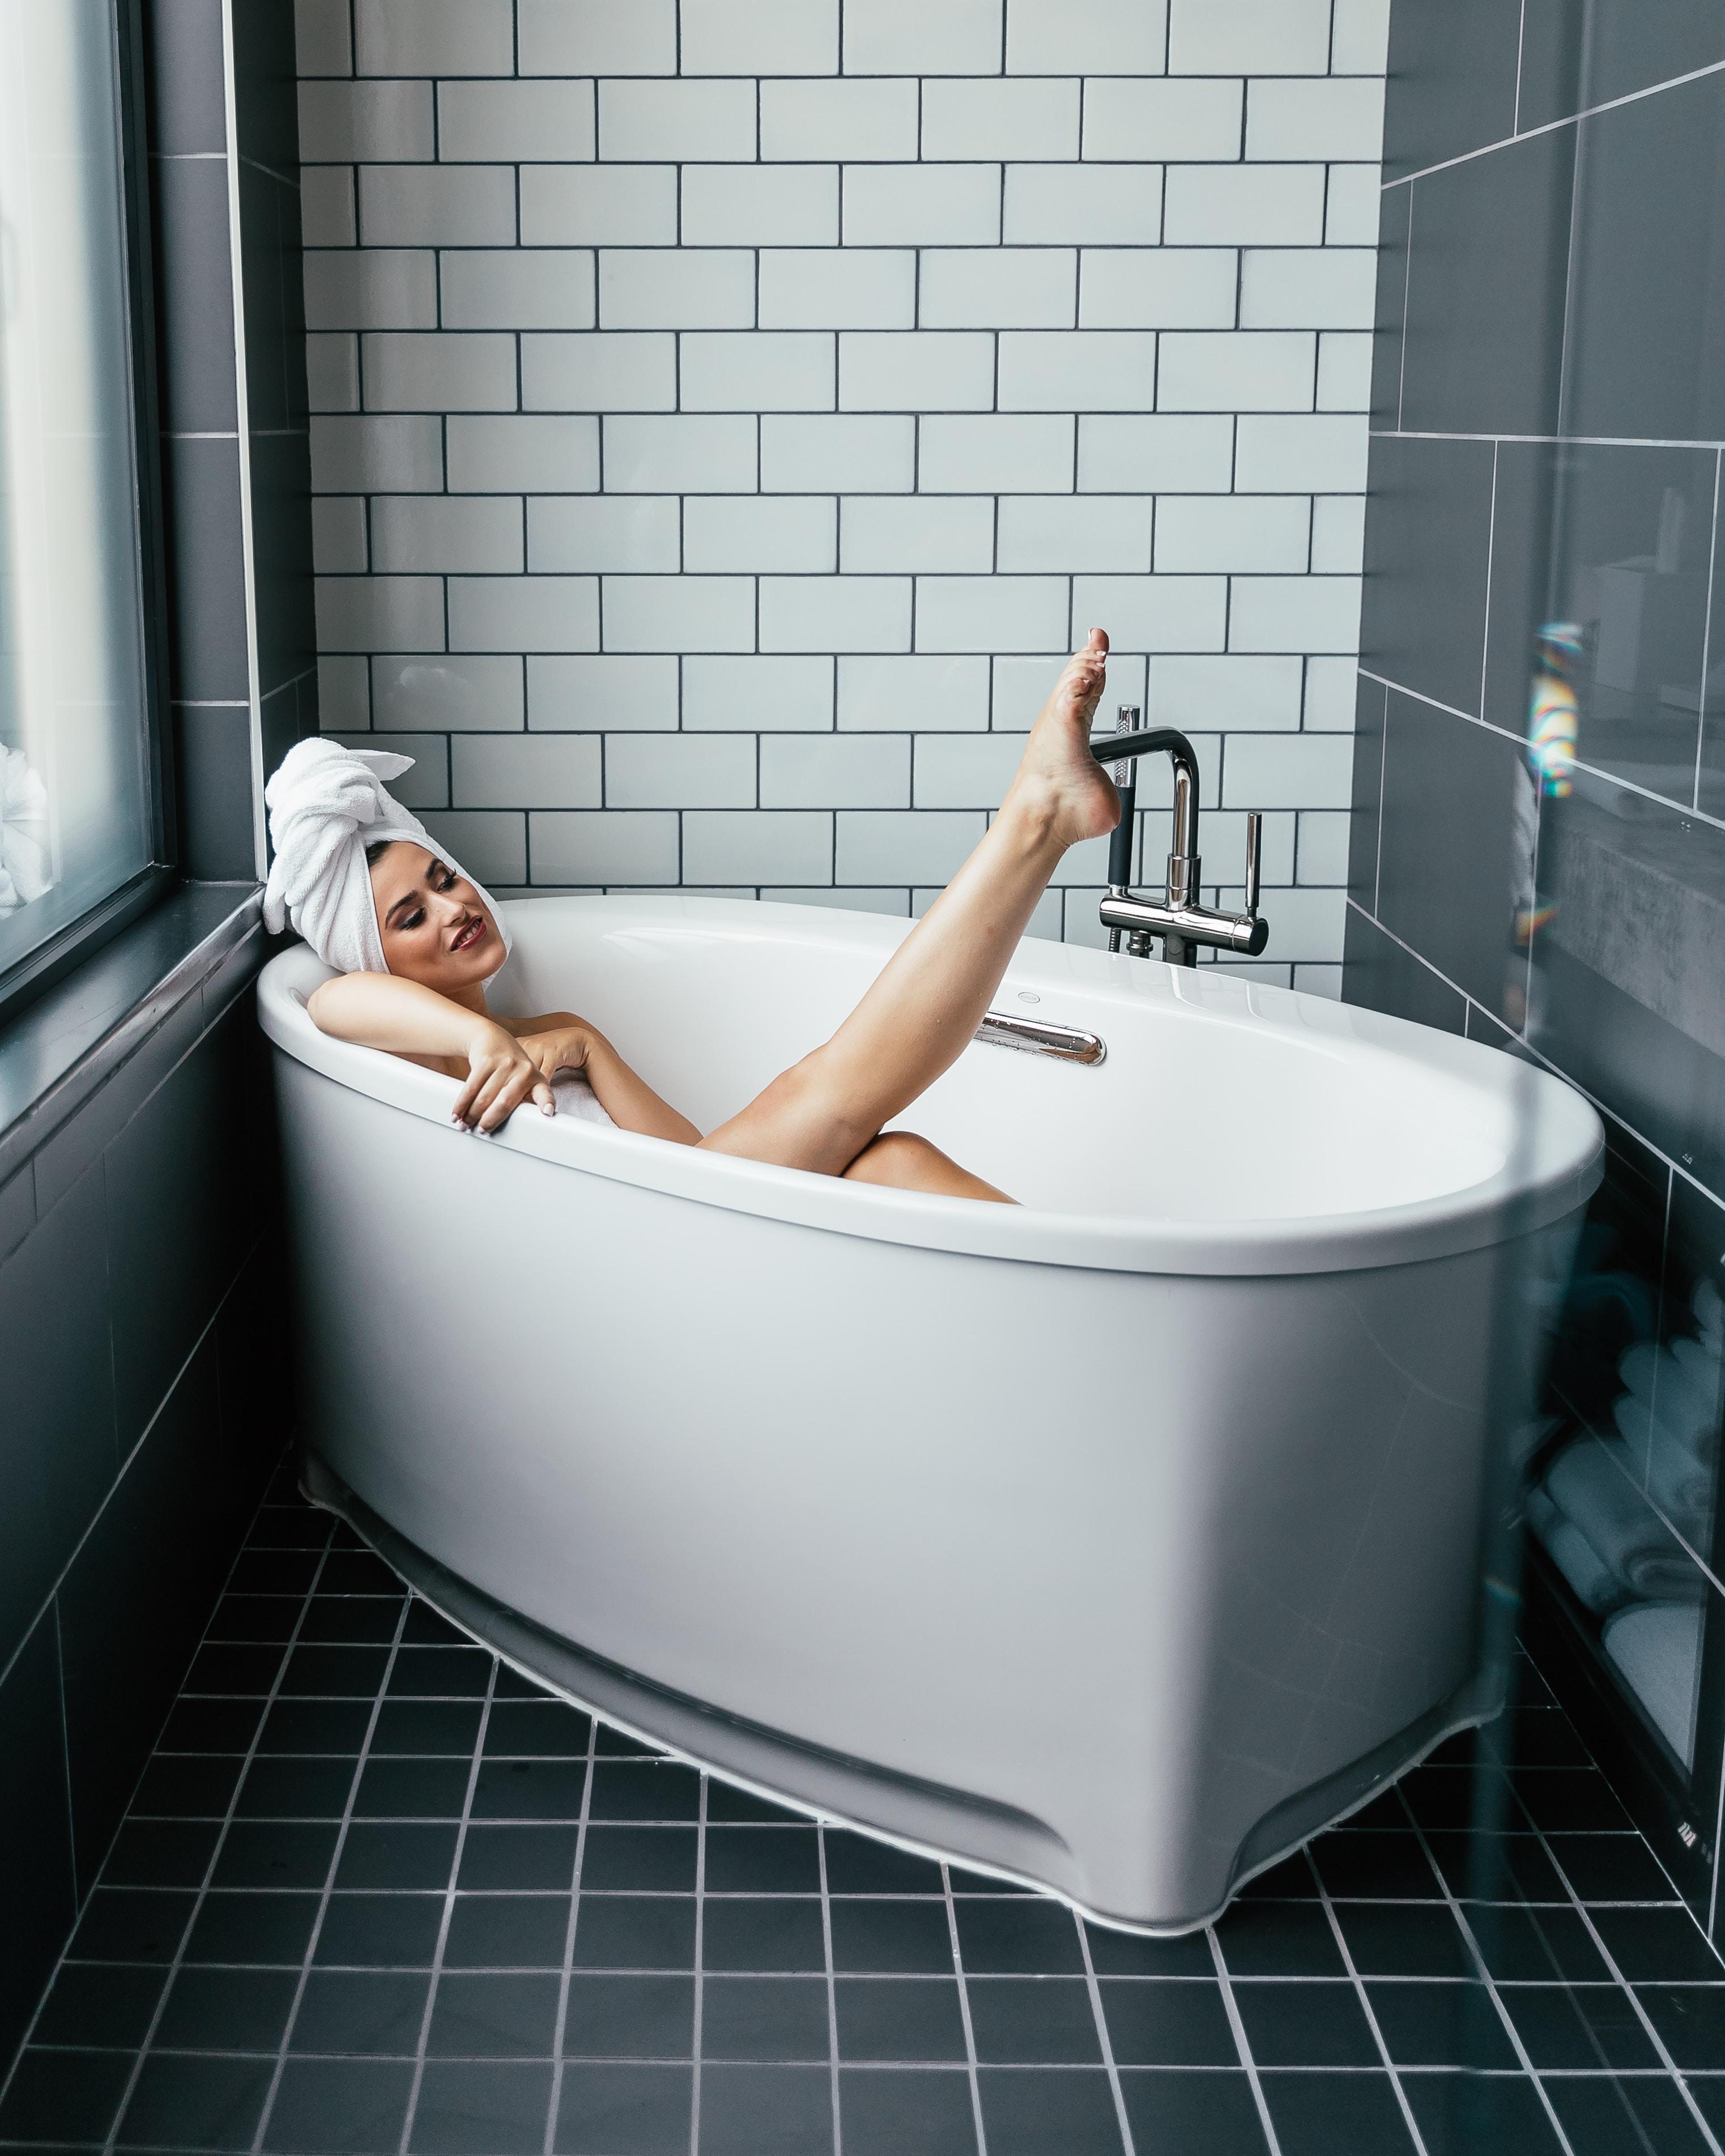 6 bí quyết chăm sóc da mùa đông cô gái quấn khăn nằm trong bồn tắm